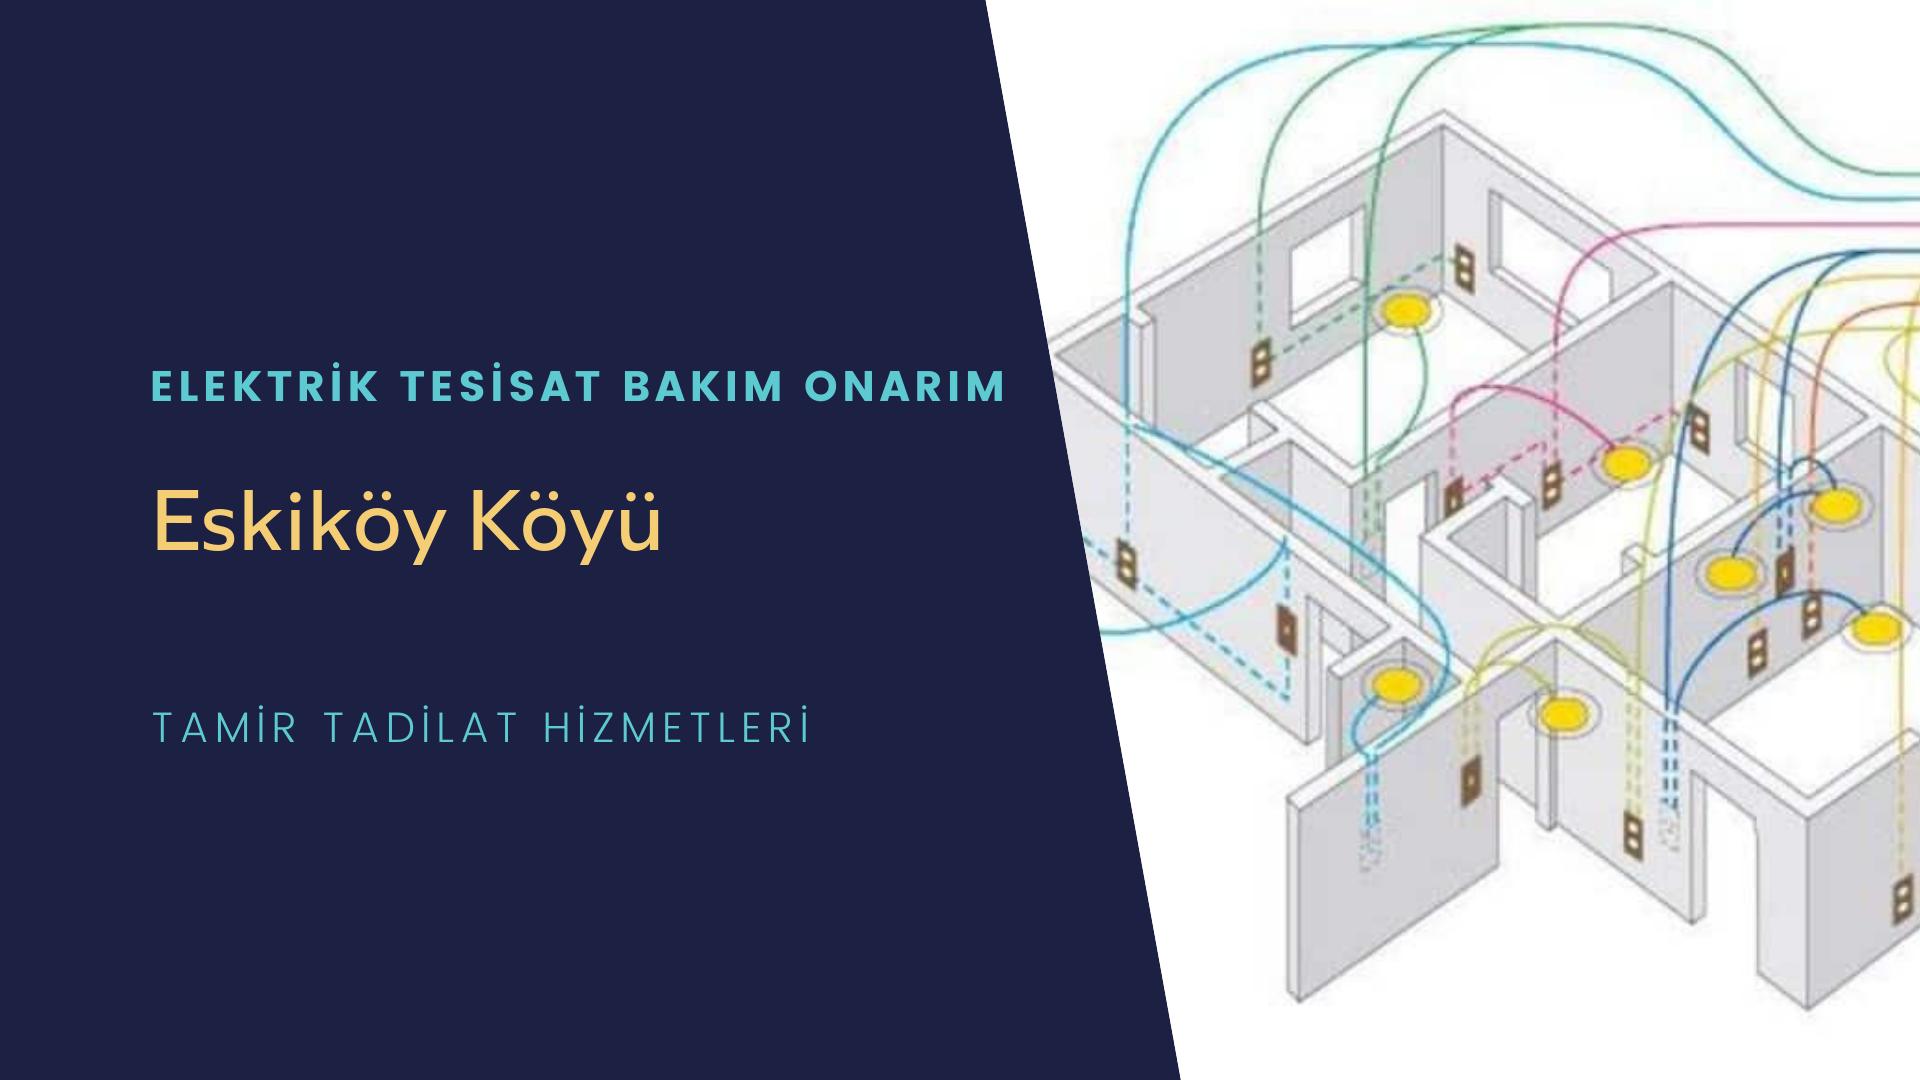 Eskiköy Köyü  elektrik tesisatıustalarımı arıyorsunuz doğru adrestenizi Eskiköy Köyü elektrik tesisatı ustalarımız 7/24 sizlere hizmet vermekten mutluluk duyar.